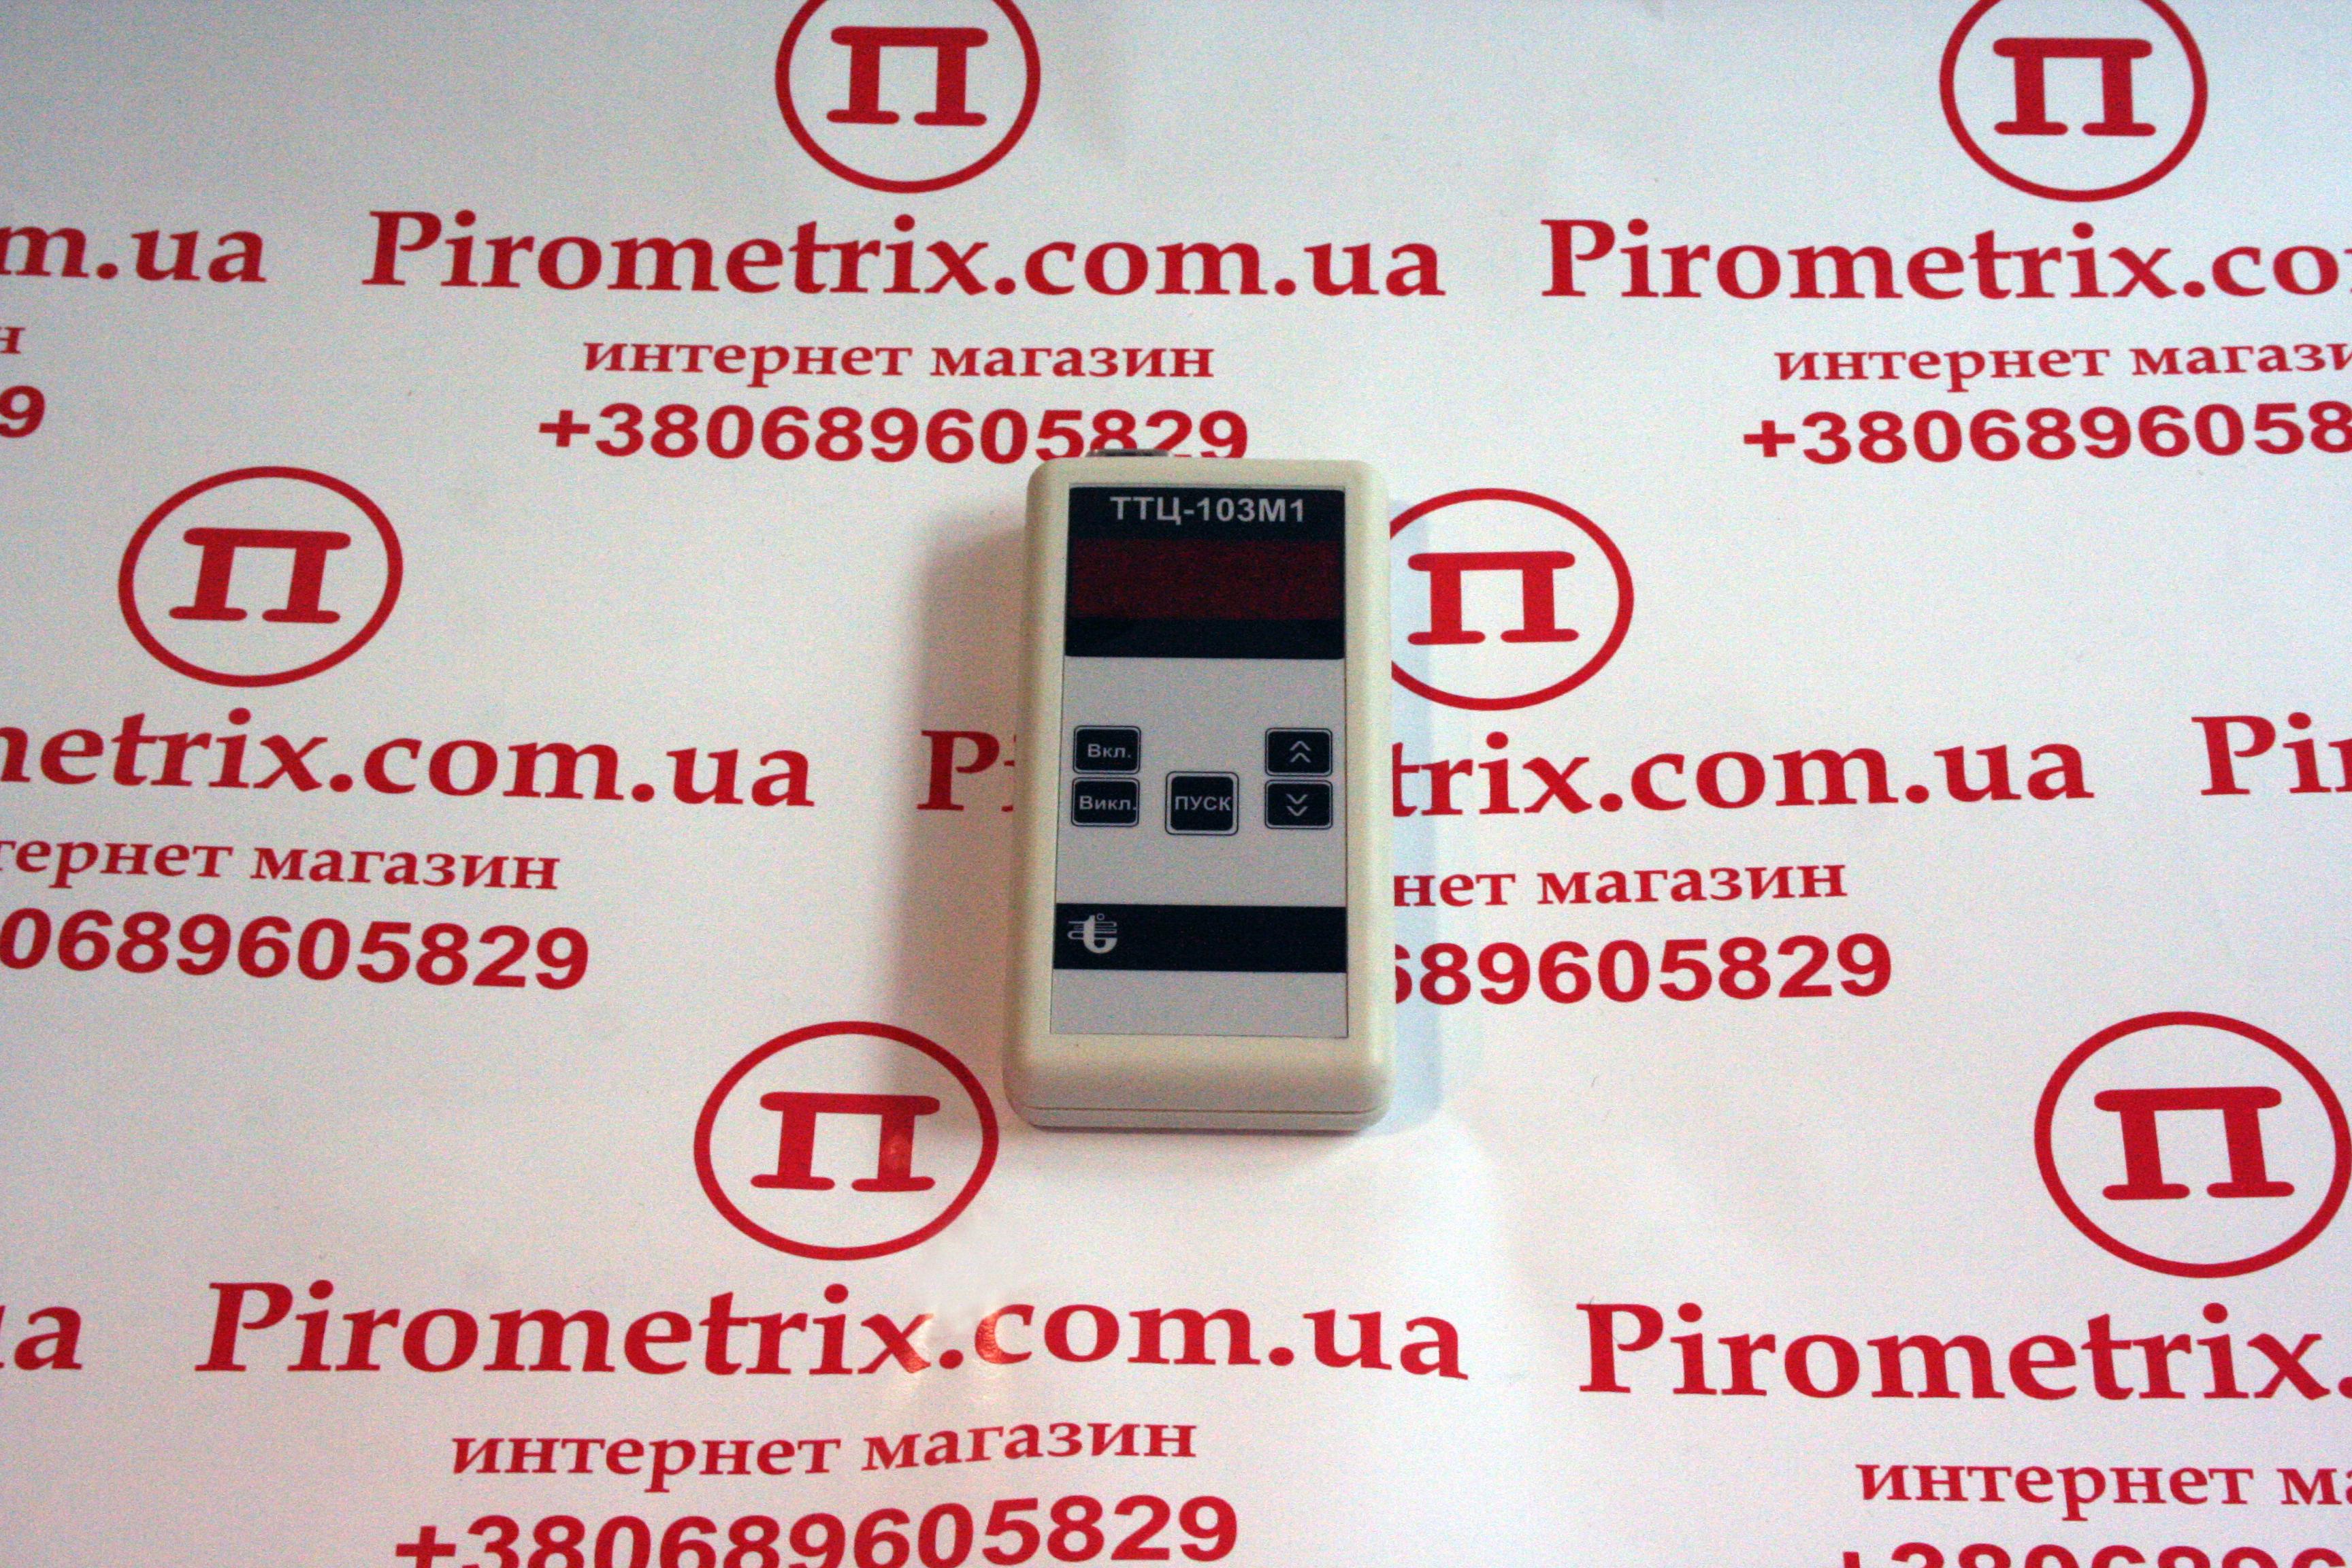 термометр, ТТЦ-103М1